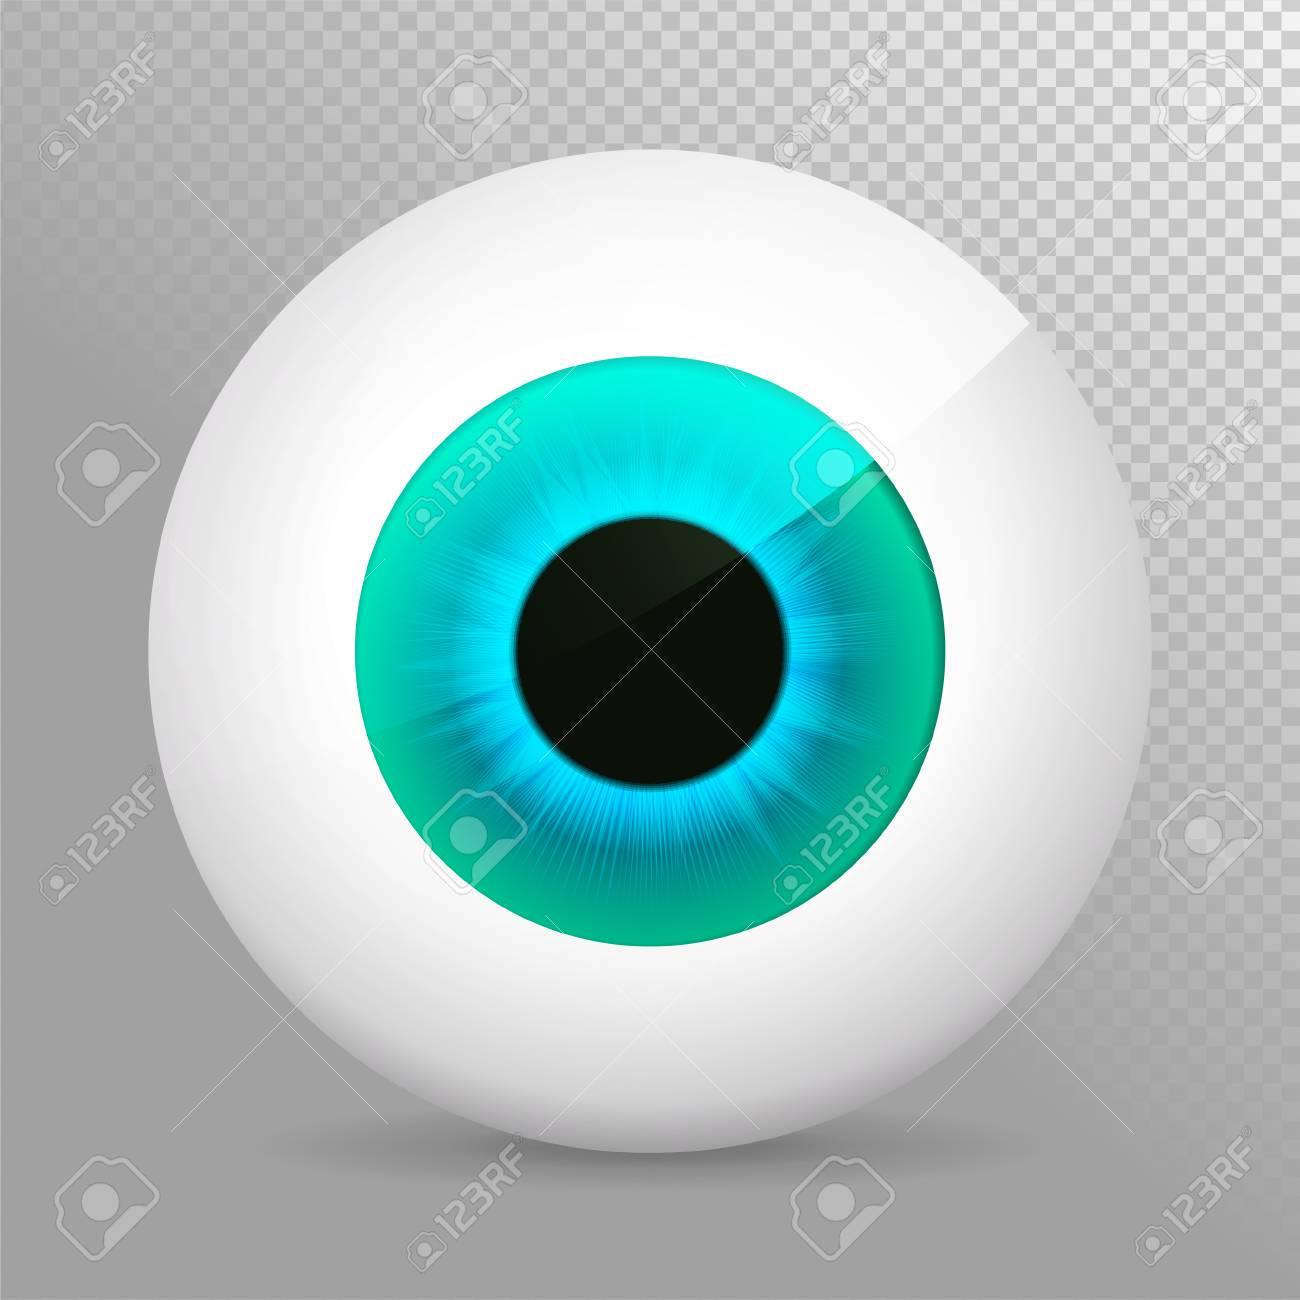 realistic 3d eyeball vector illustration royalty free cliparts rh 123rf com flying eyeball vector free eyeball vector